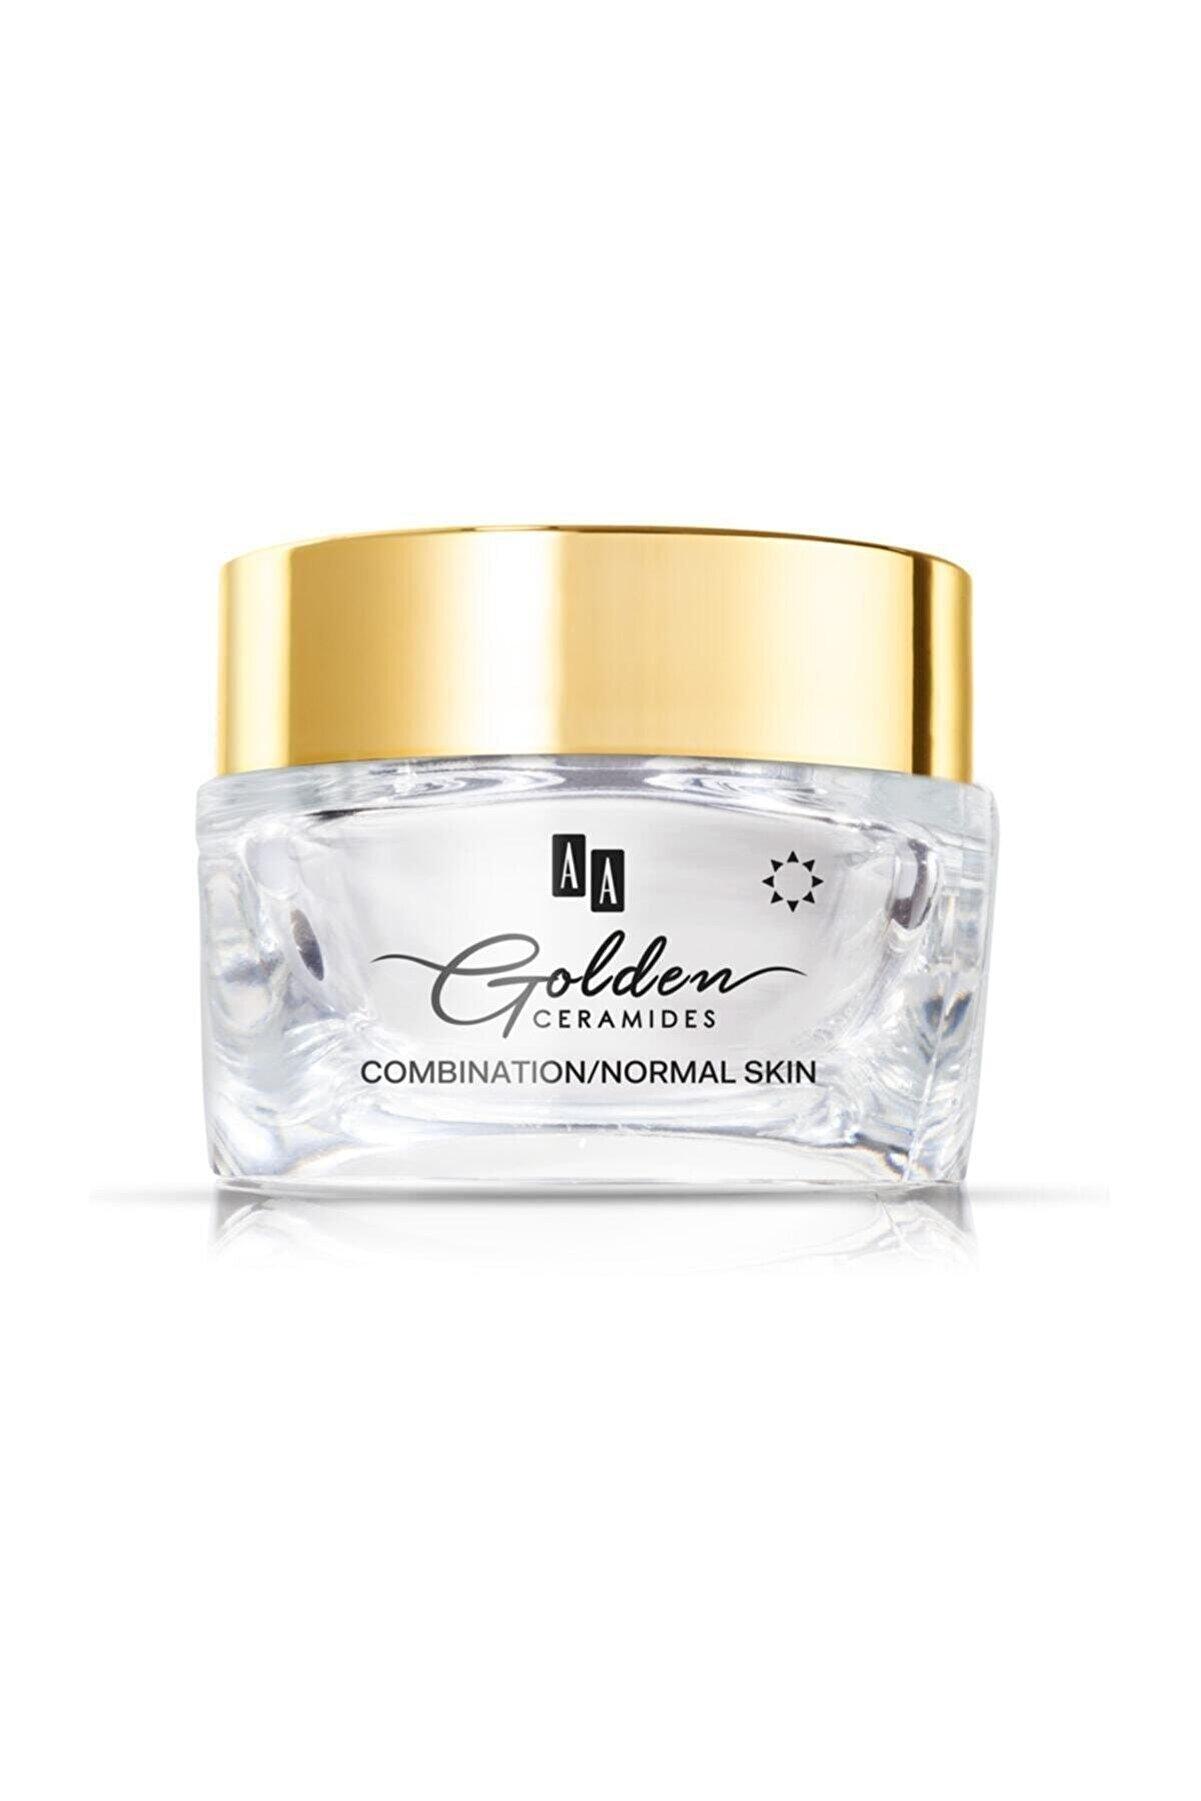 AA Cosmetics Aa Golden Ceramides Kırışıklık Kremi Gündüz Karma/normal Cilt 50ml